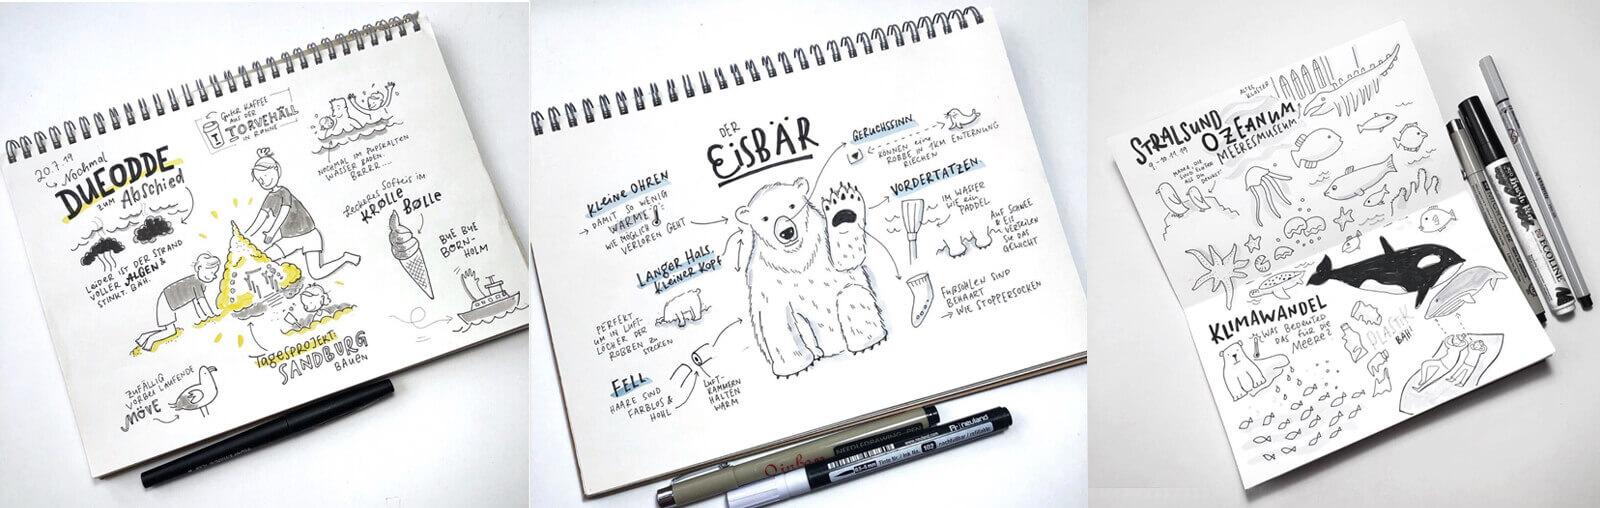 Beispiele für Sketchnotes